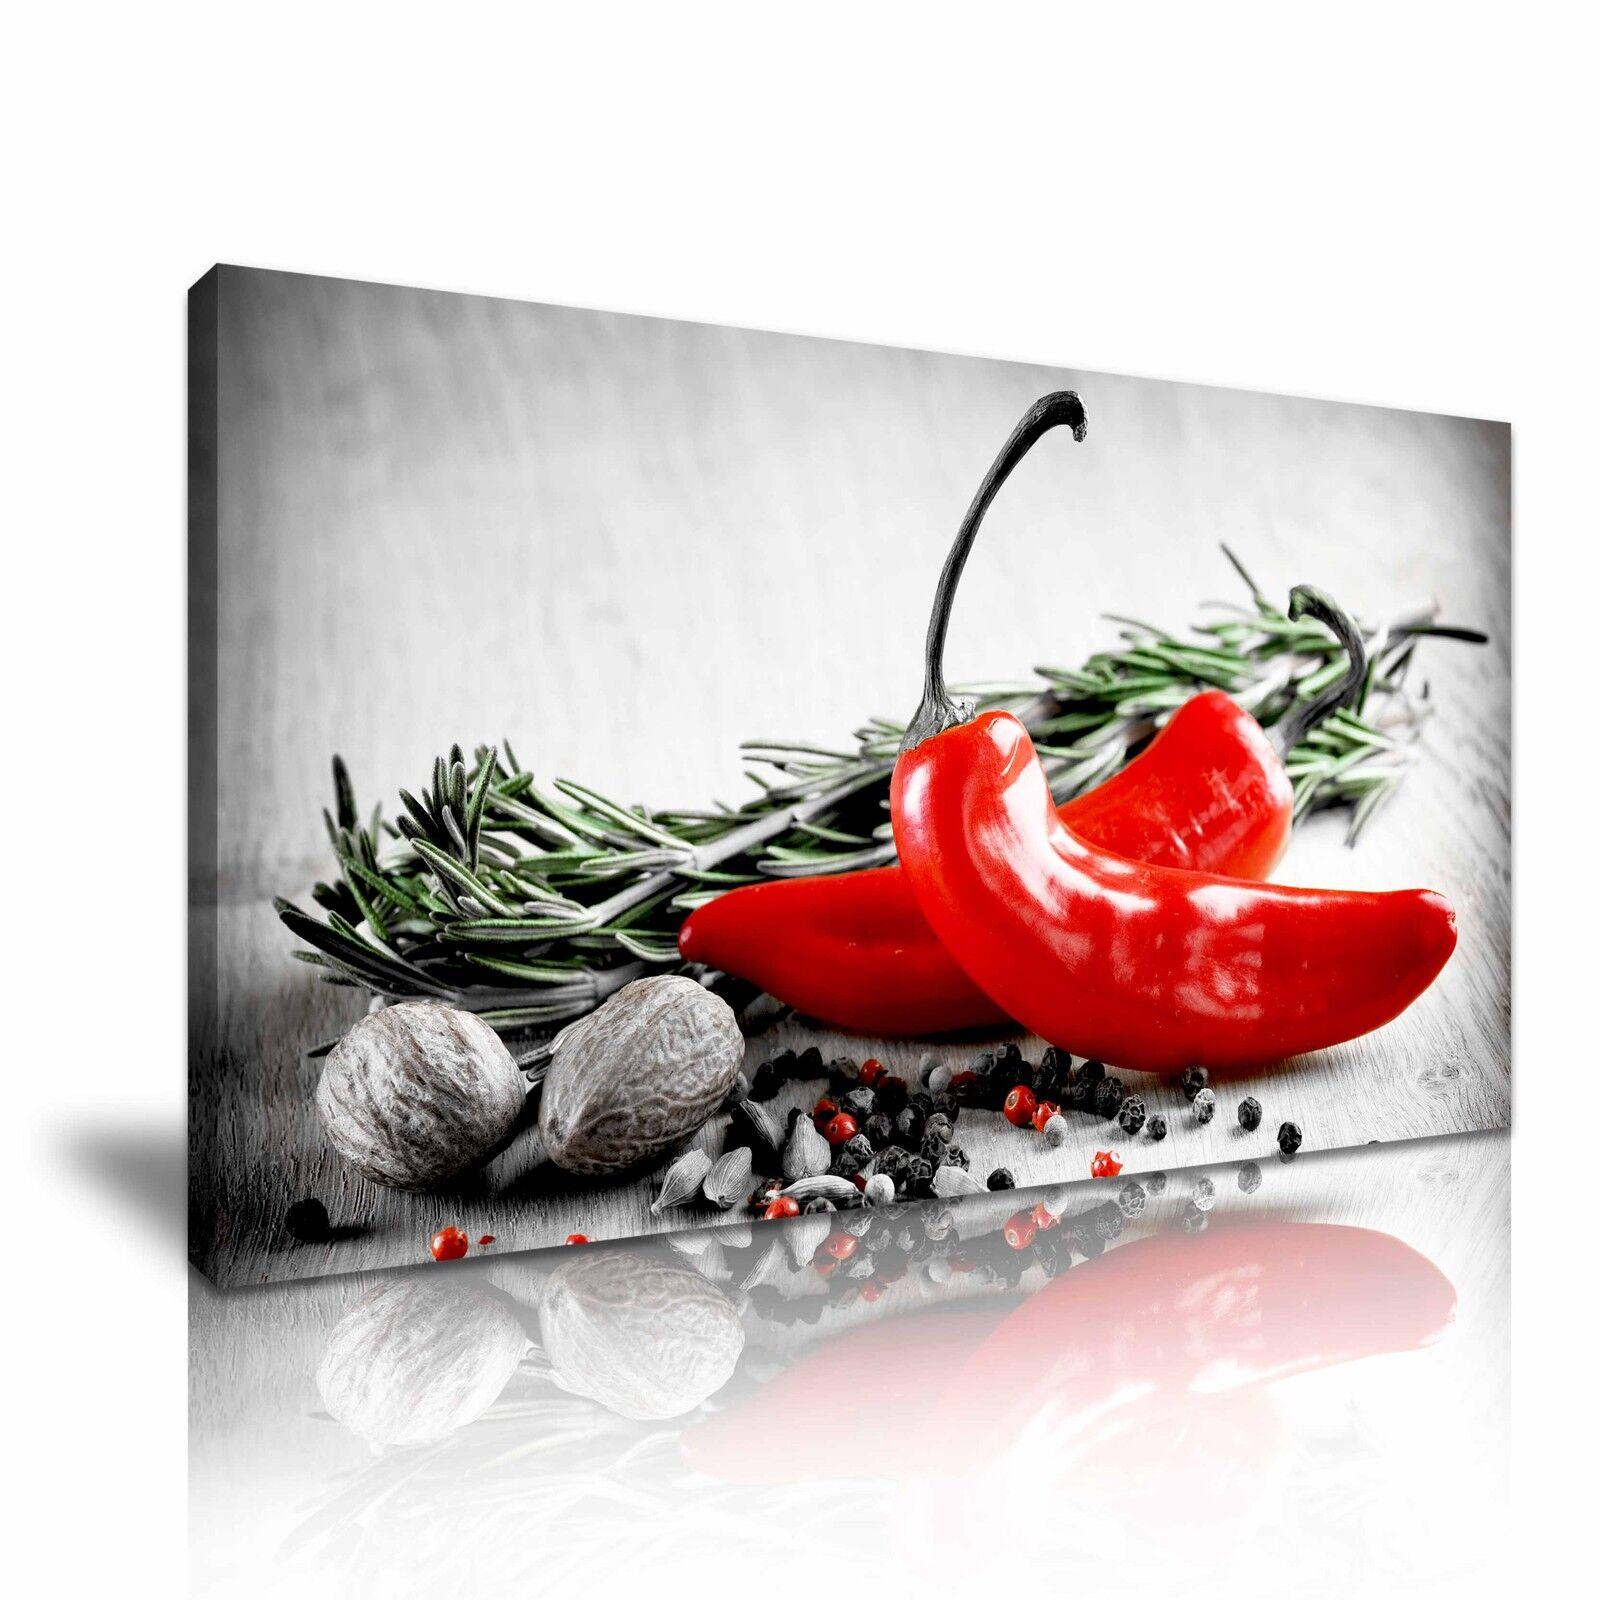 Herbes et plus épices cuisine toile murale art photo print plus et tailles 93f389